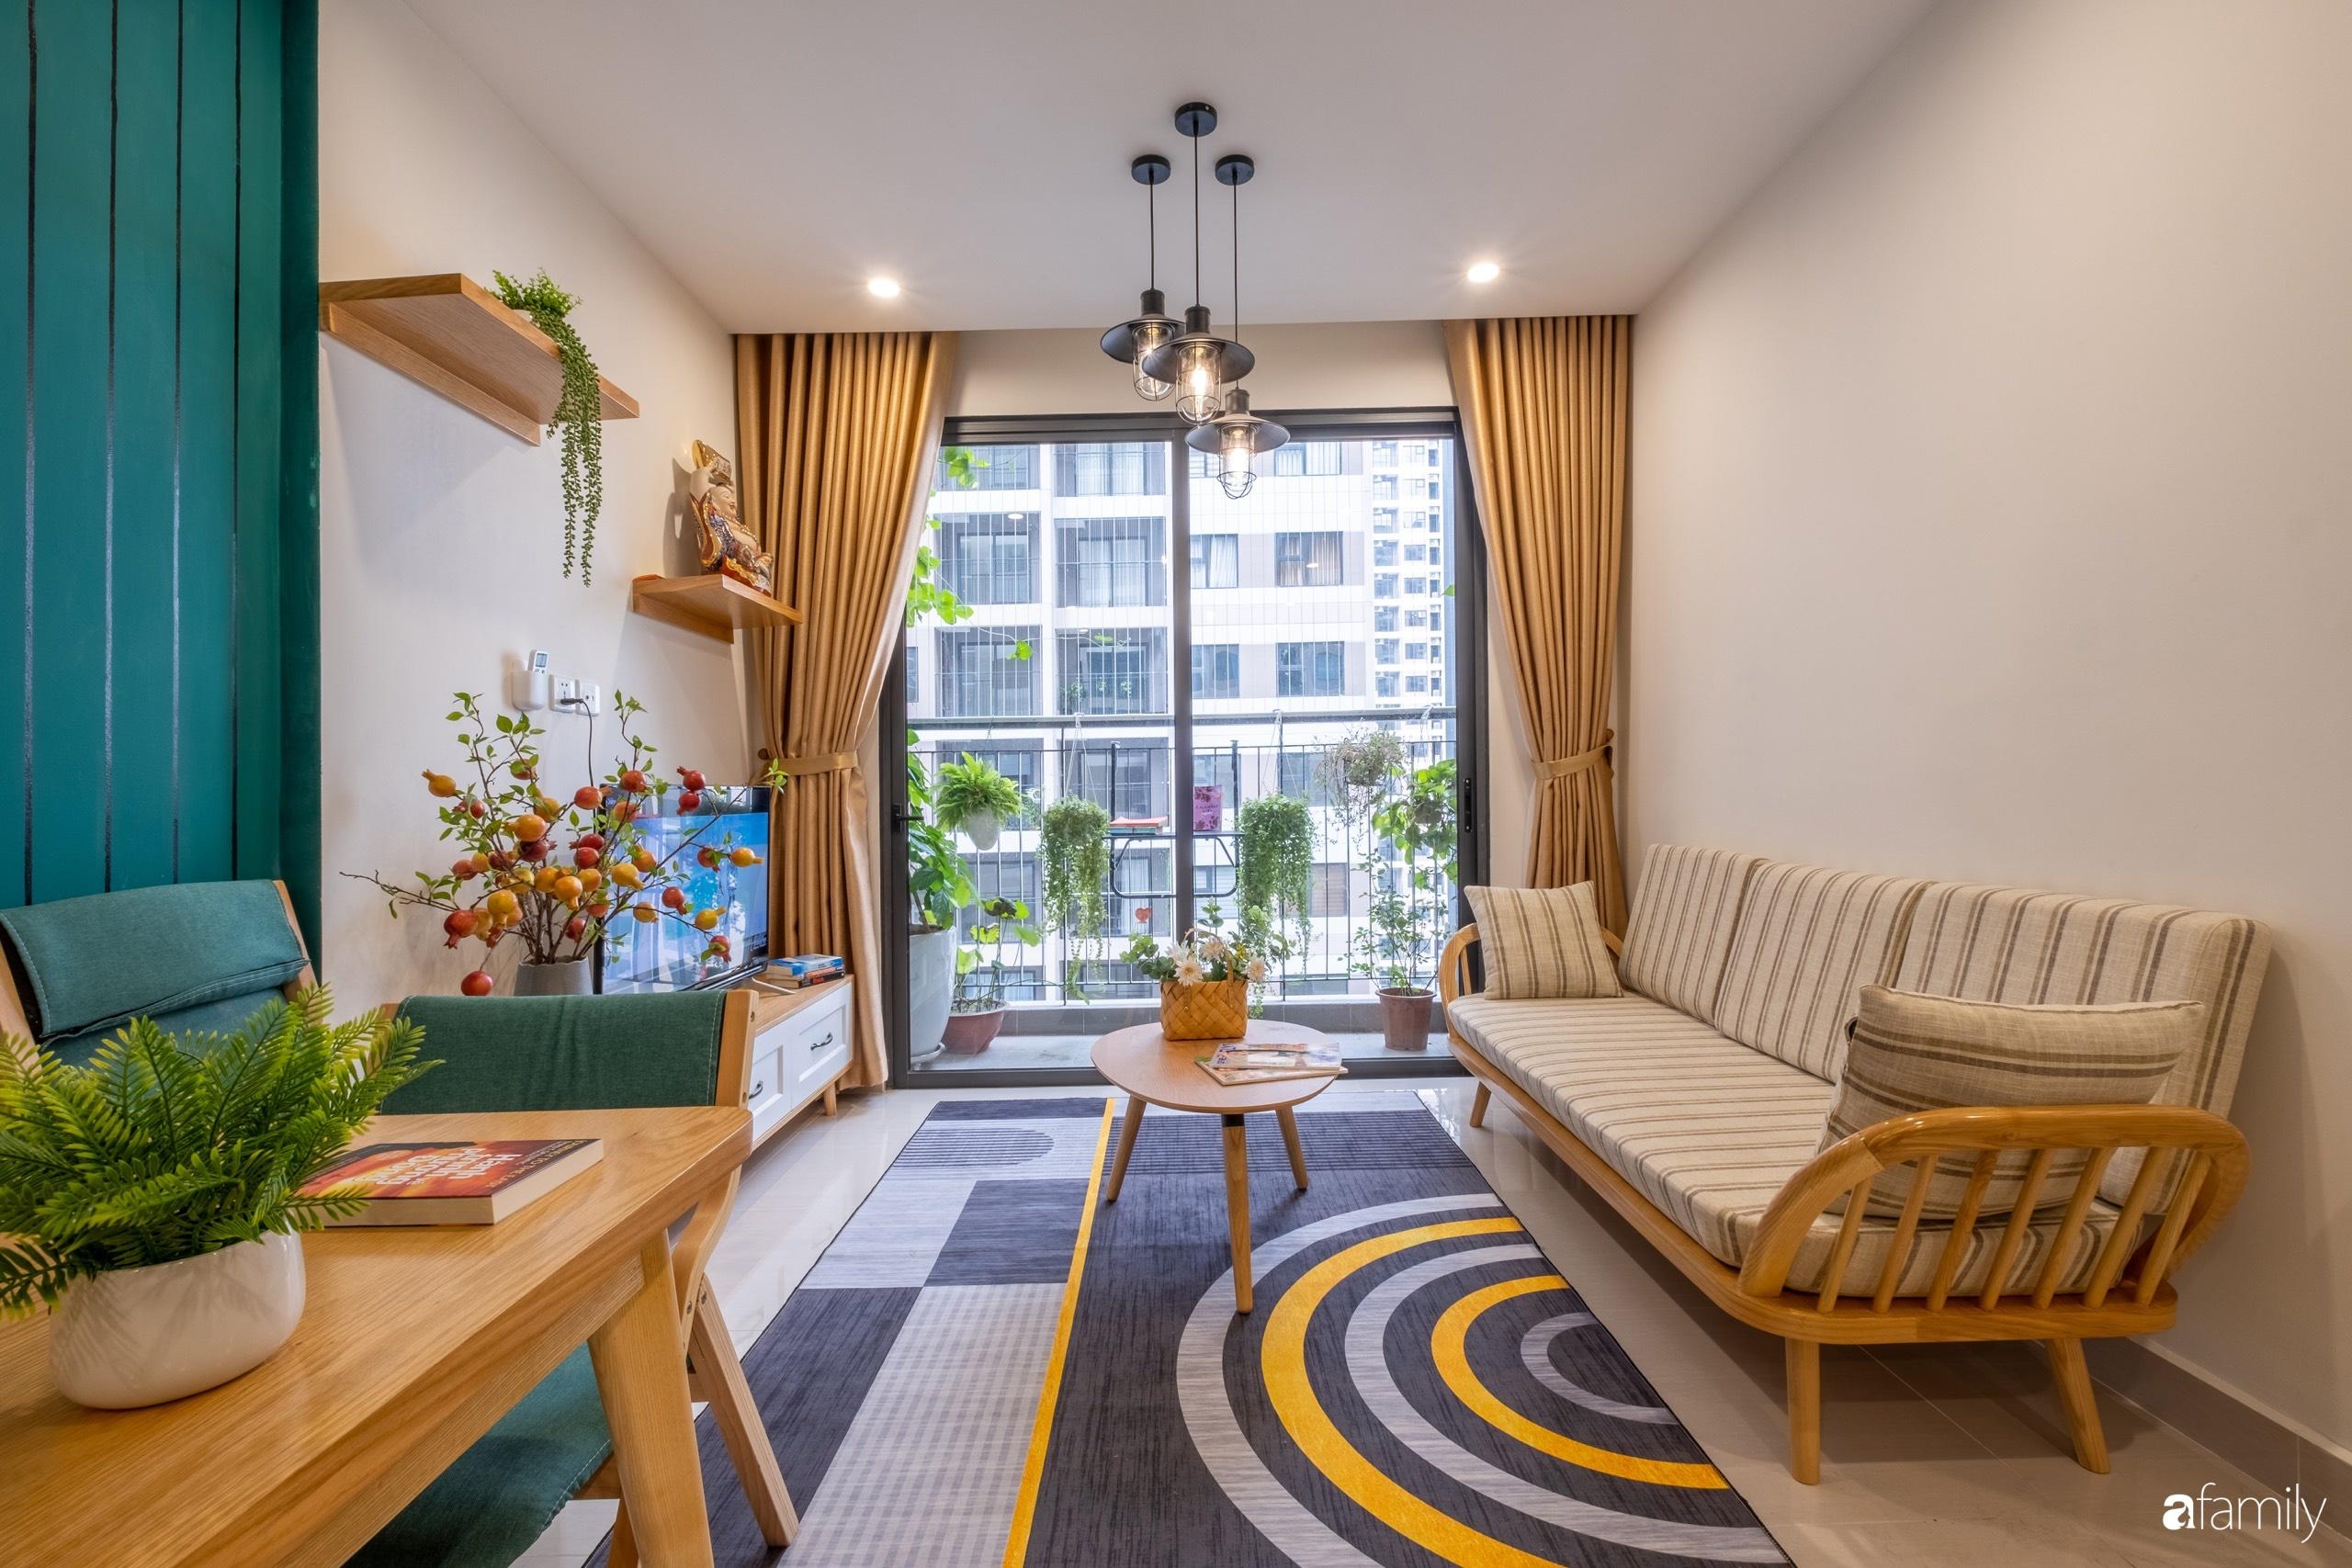 Căn hộ 54m² đẹp cuốn hút với tông màu xanh gần gũi với thiên nhiên có chi phí hoàn thiện nội thất 150 triệu đồng ở Hà Nội - Ảnh 6.